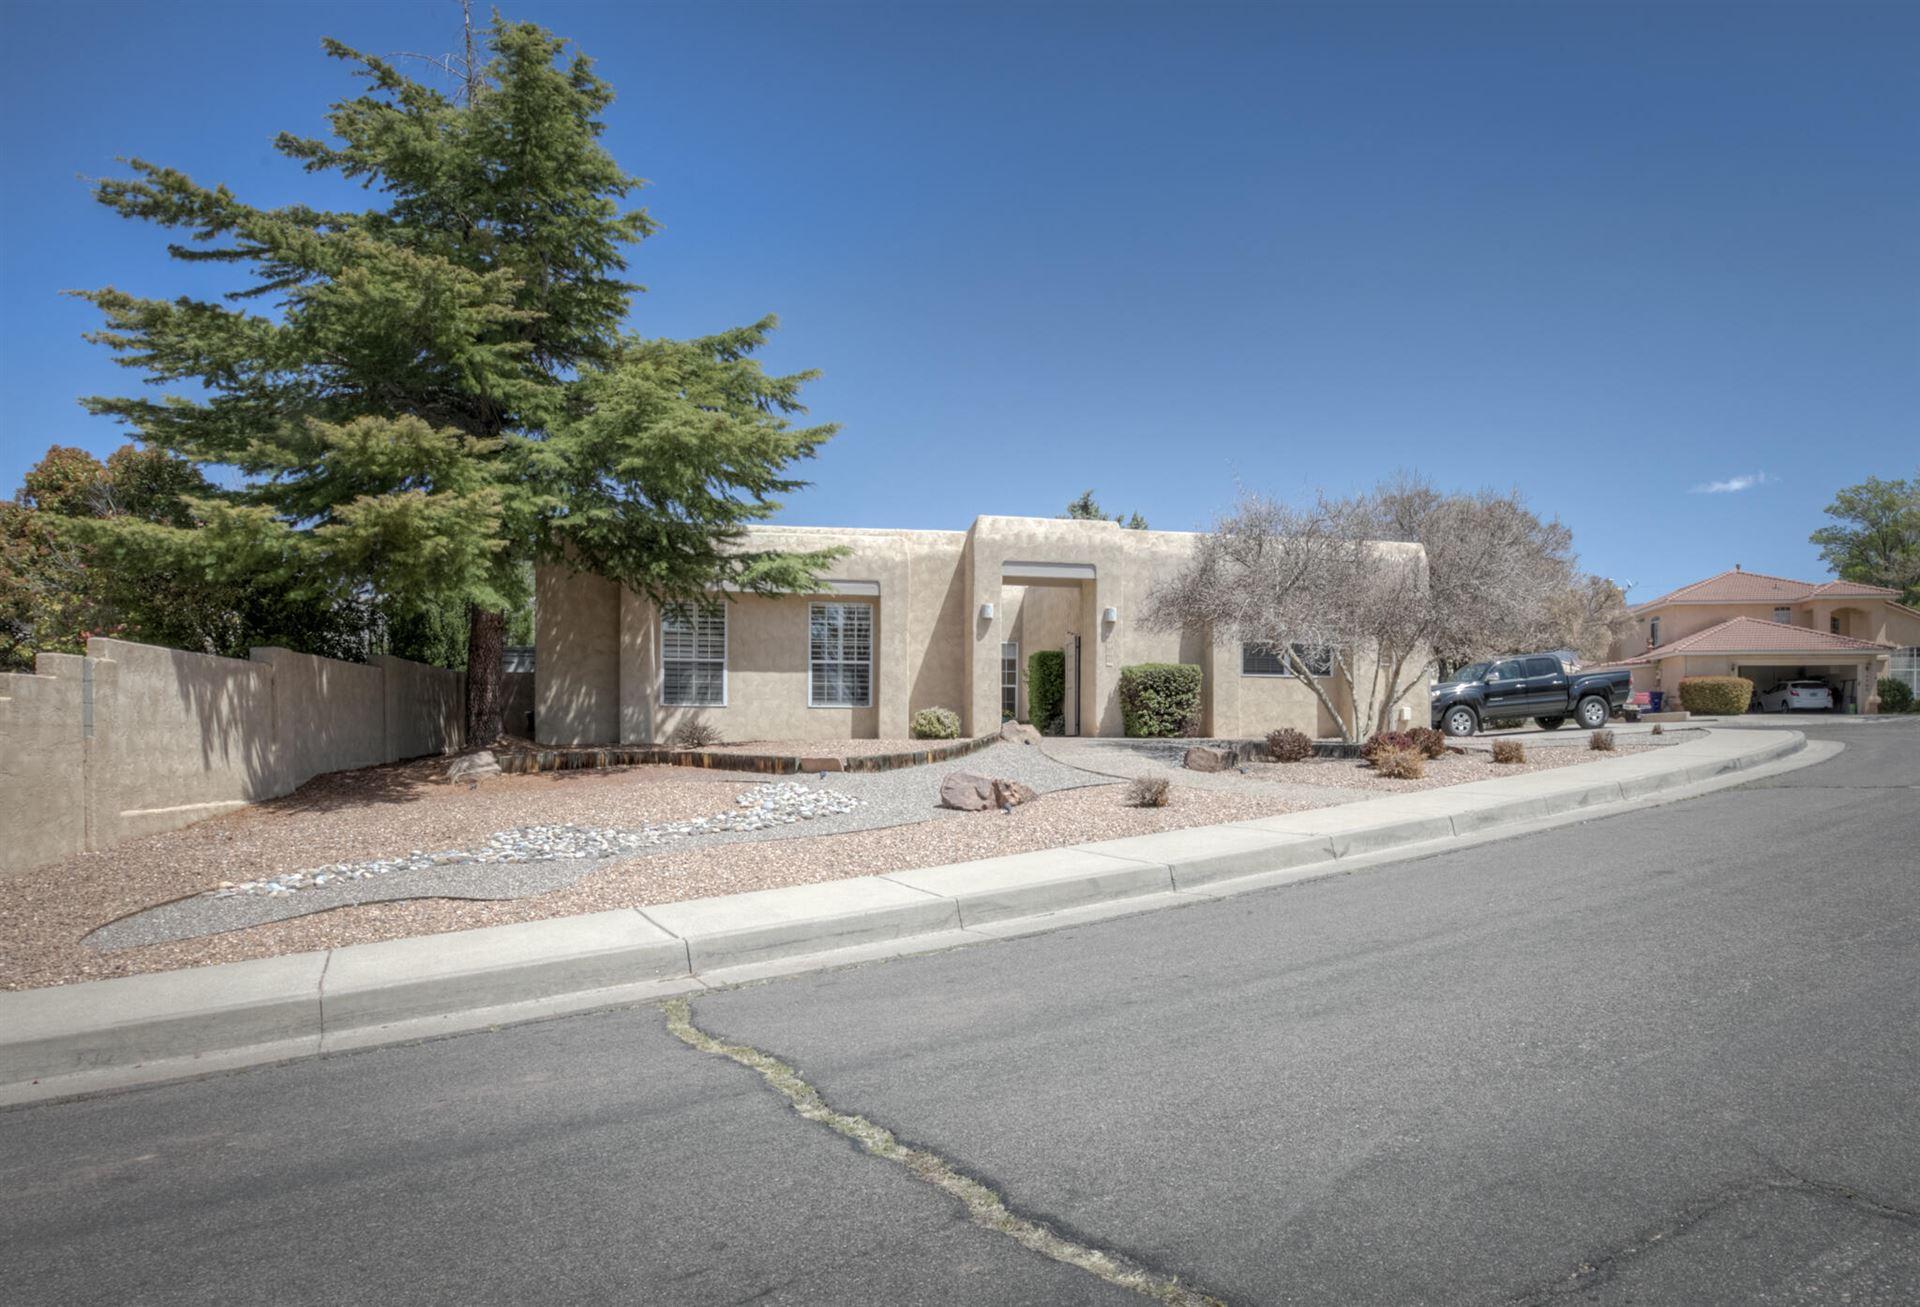 7708 MENDOZA Court NE, Albuquerque, NM 87109 - MLS#: 989816